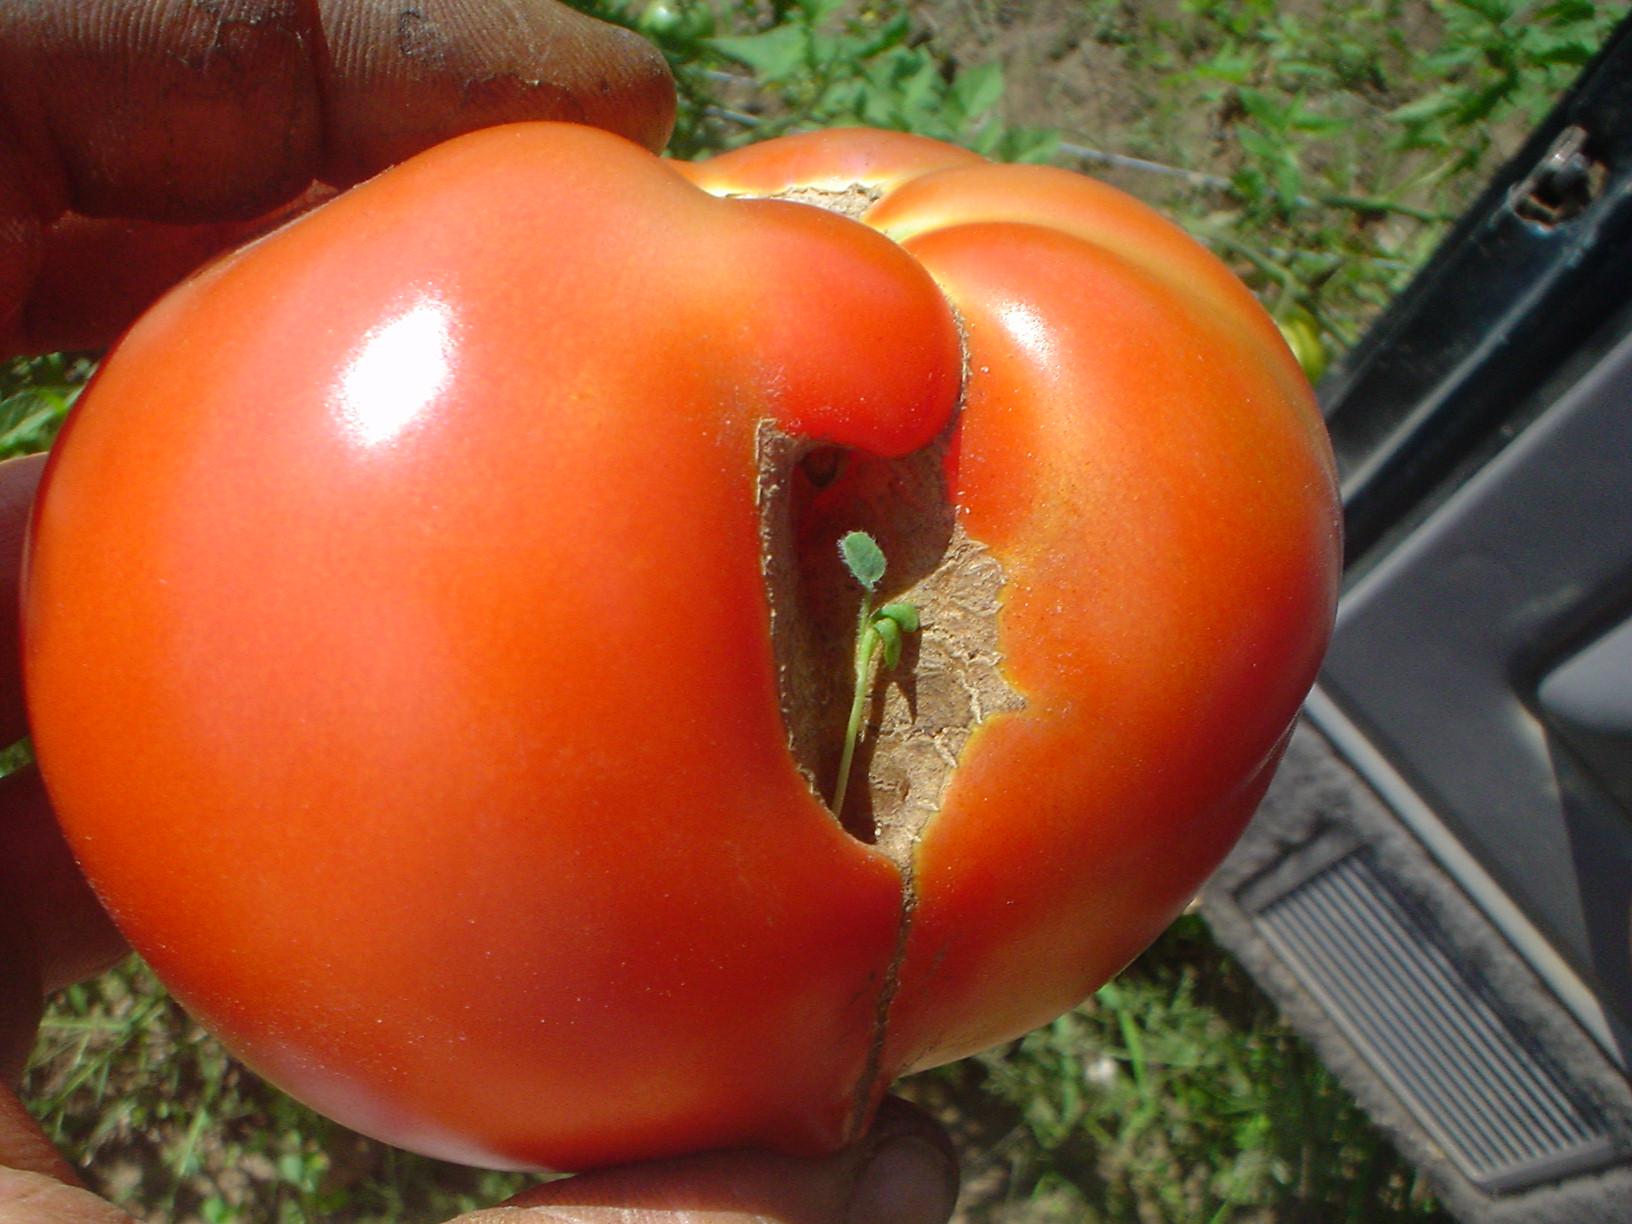 tomato in a tomato.jpg